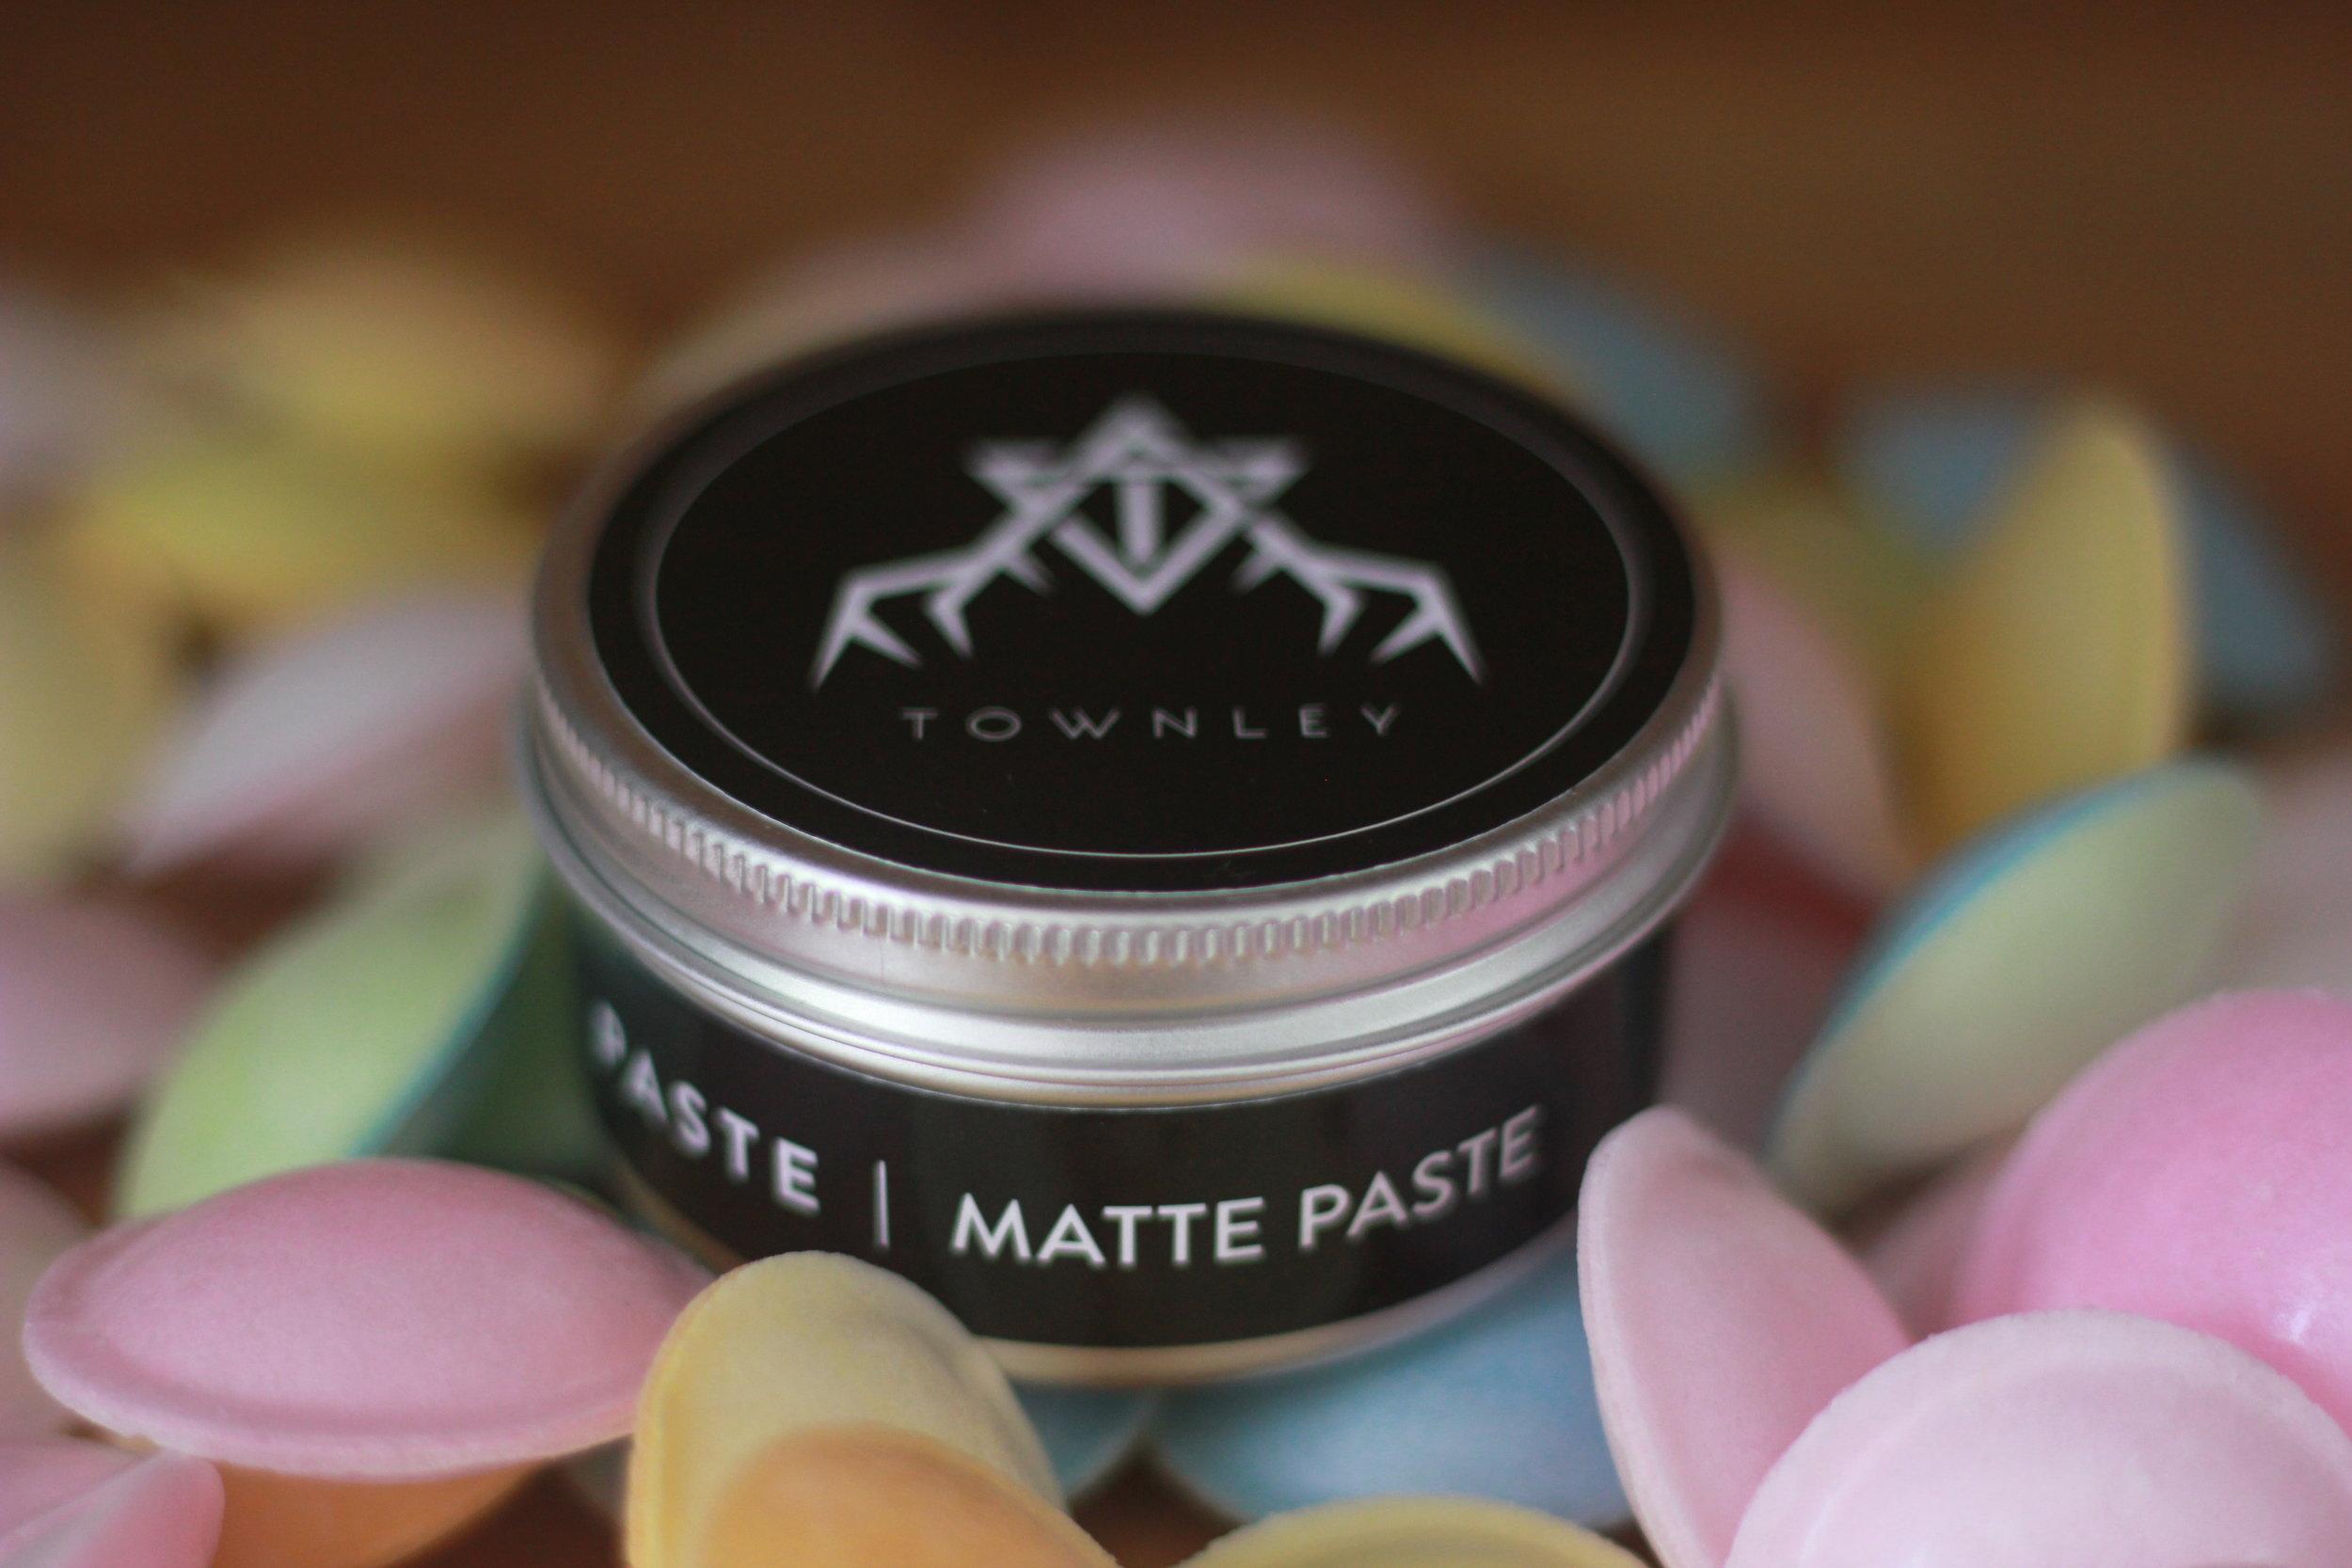 Townley Matte Paste